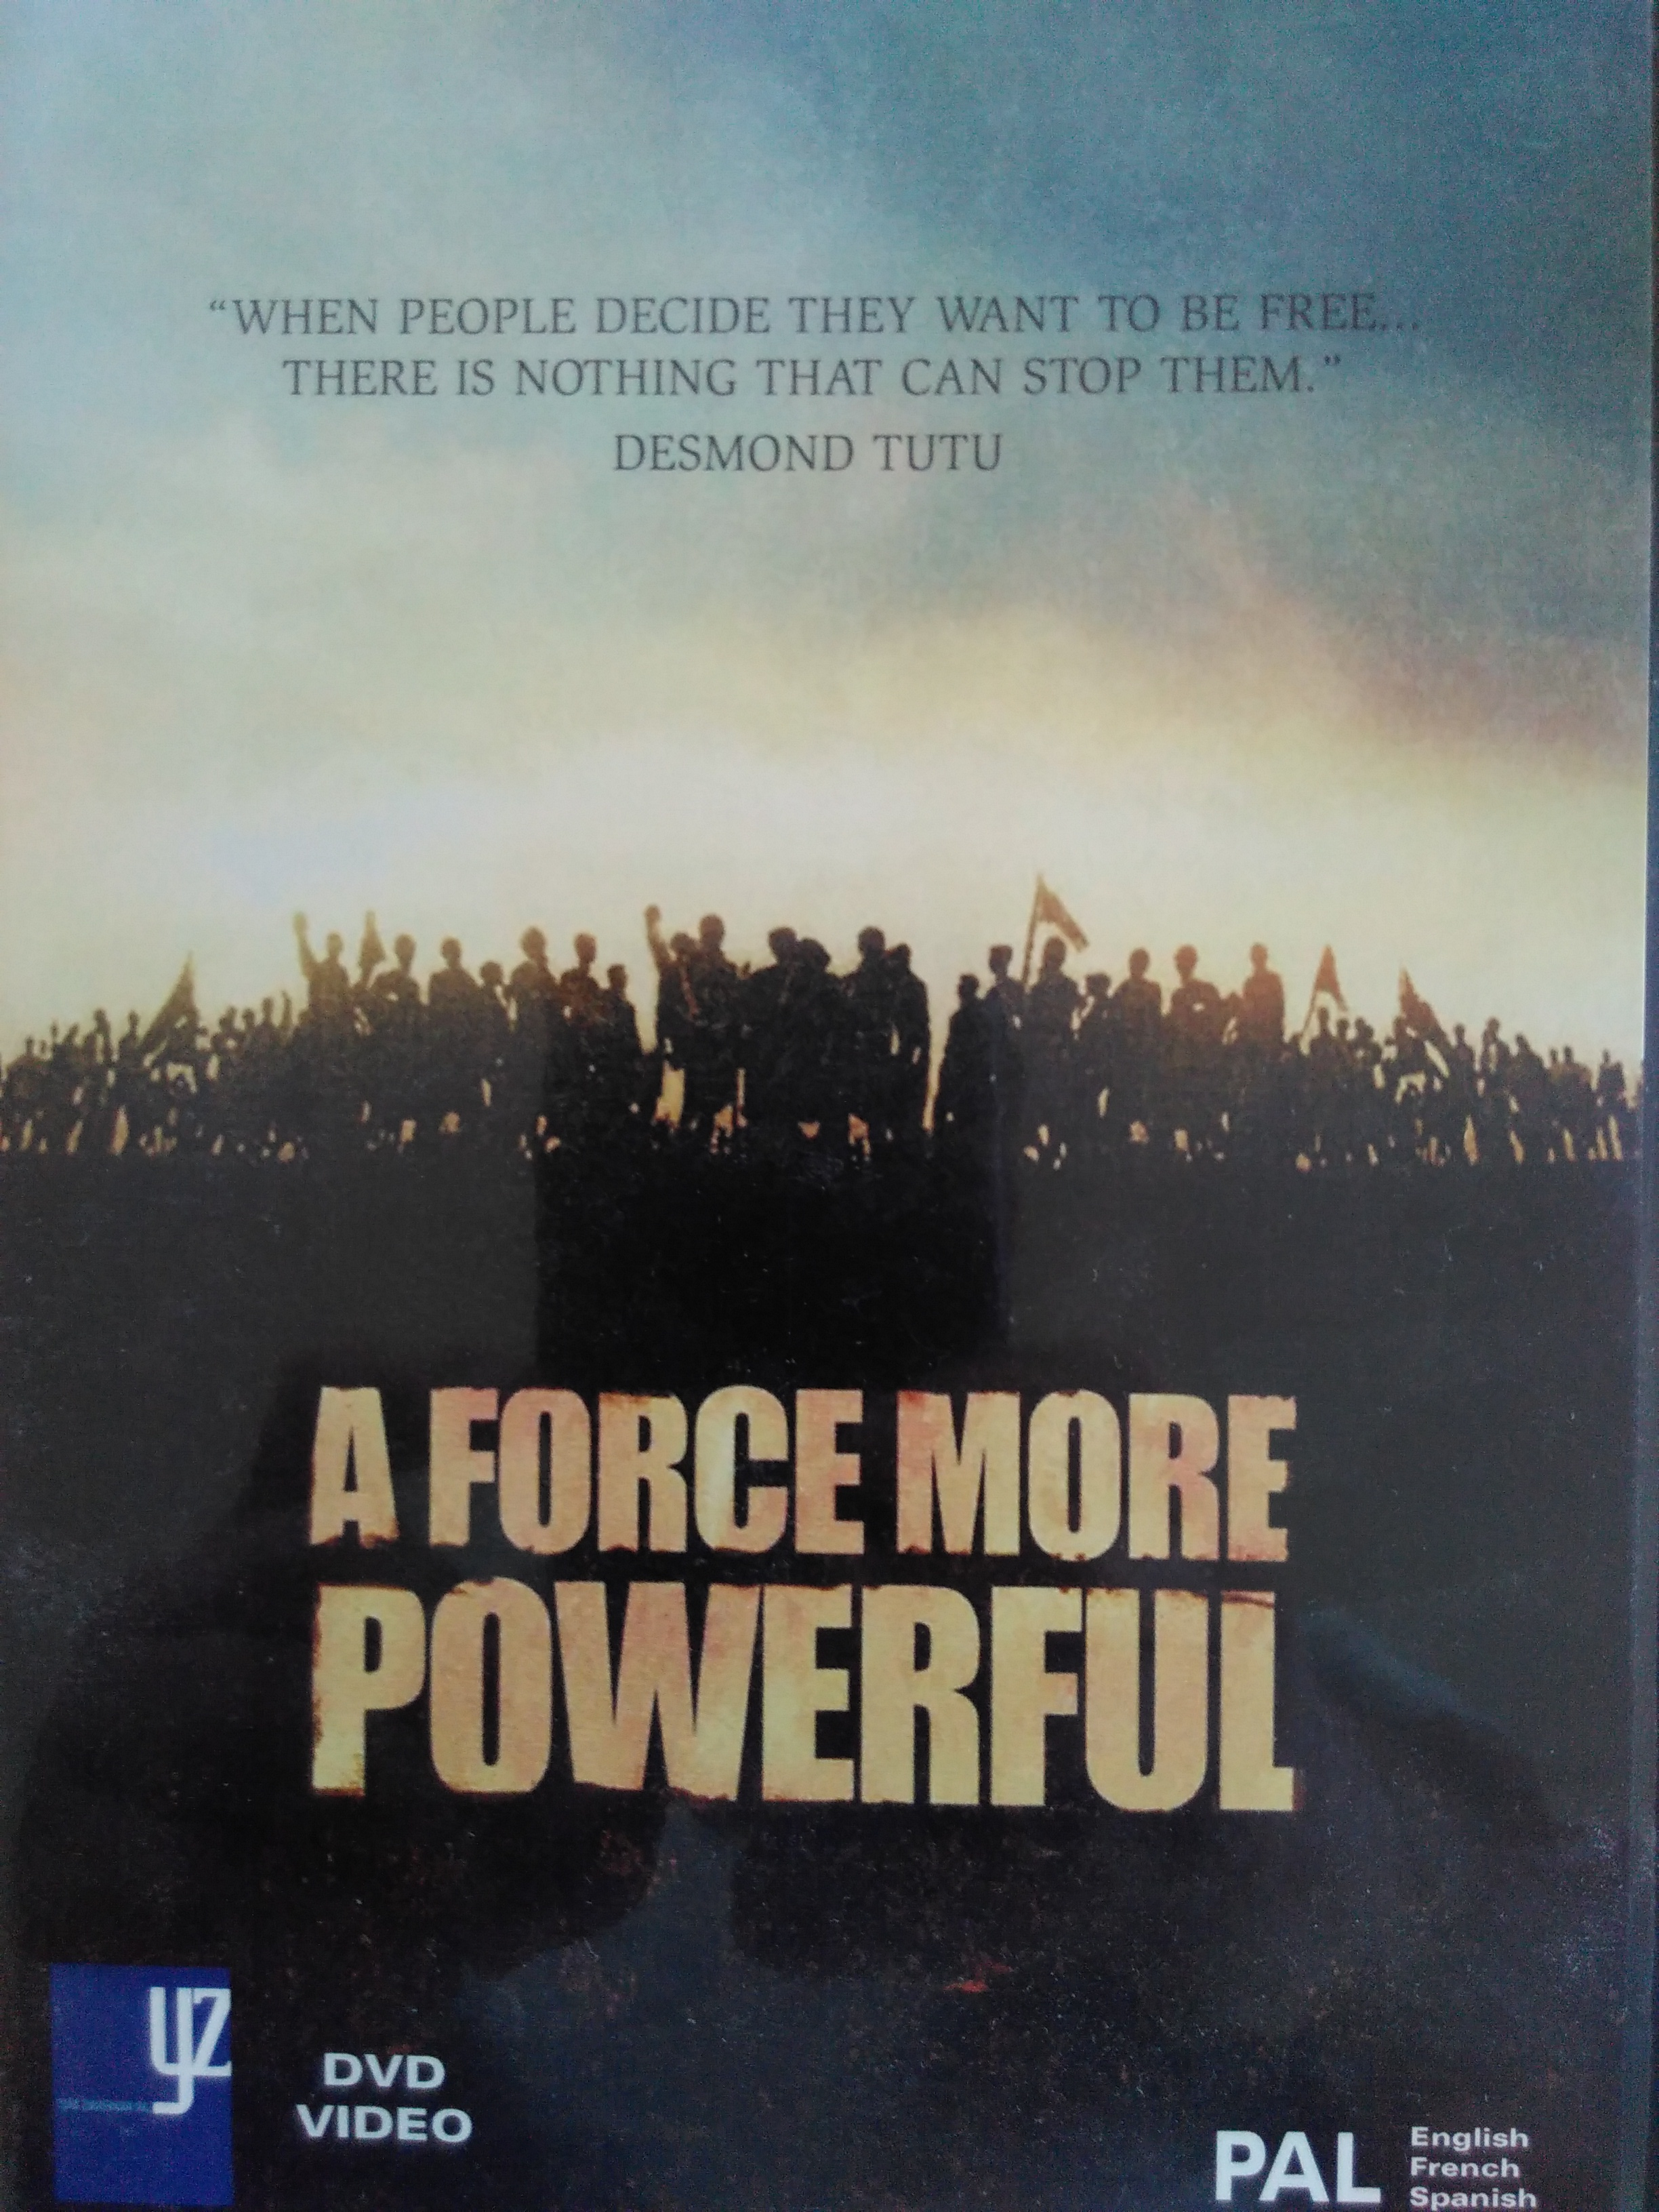 Una fuerza más poderosa. DVD. 2000